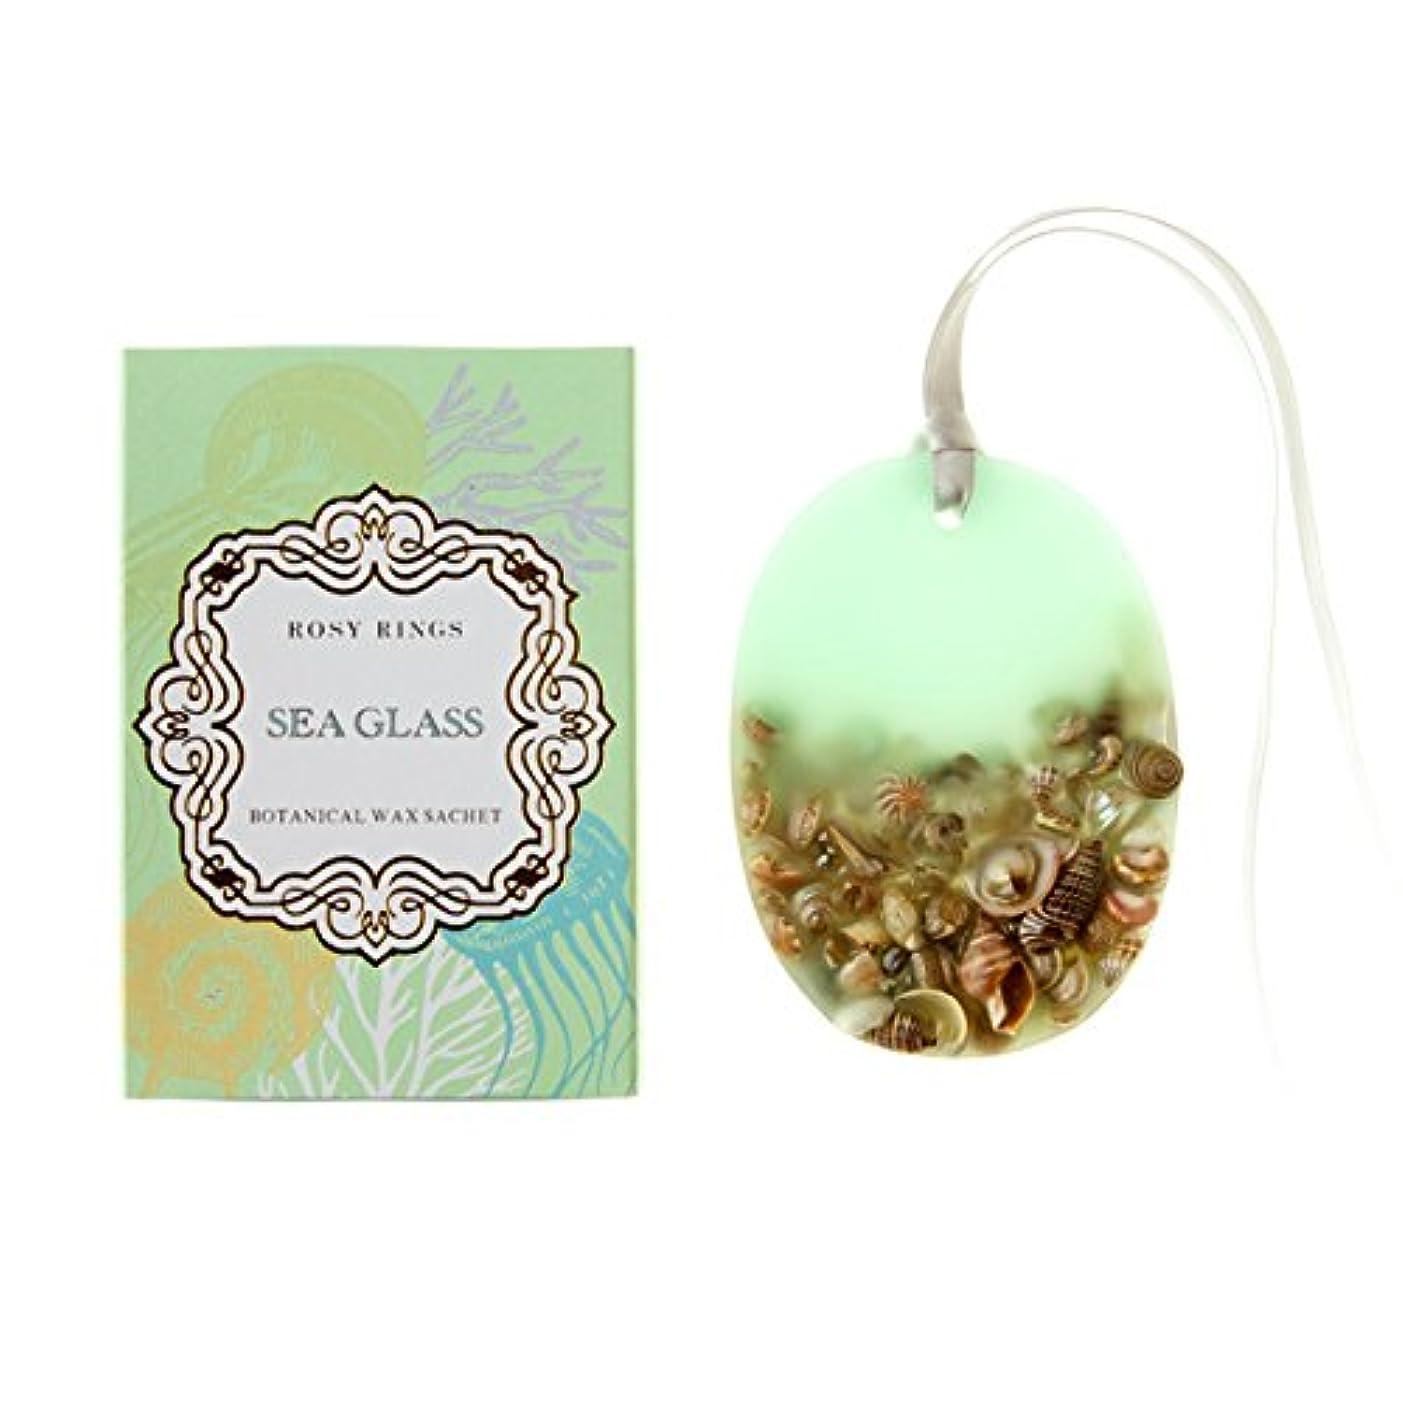 薄汚い雨ルームロージーリングス プティボタニカルサシェ シーグラス ROSY RINGS Petite Oval Botanical Wax Sachet Sea Glass